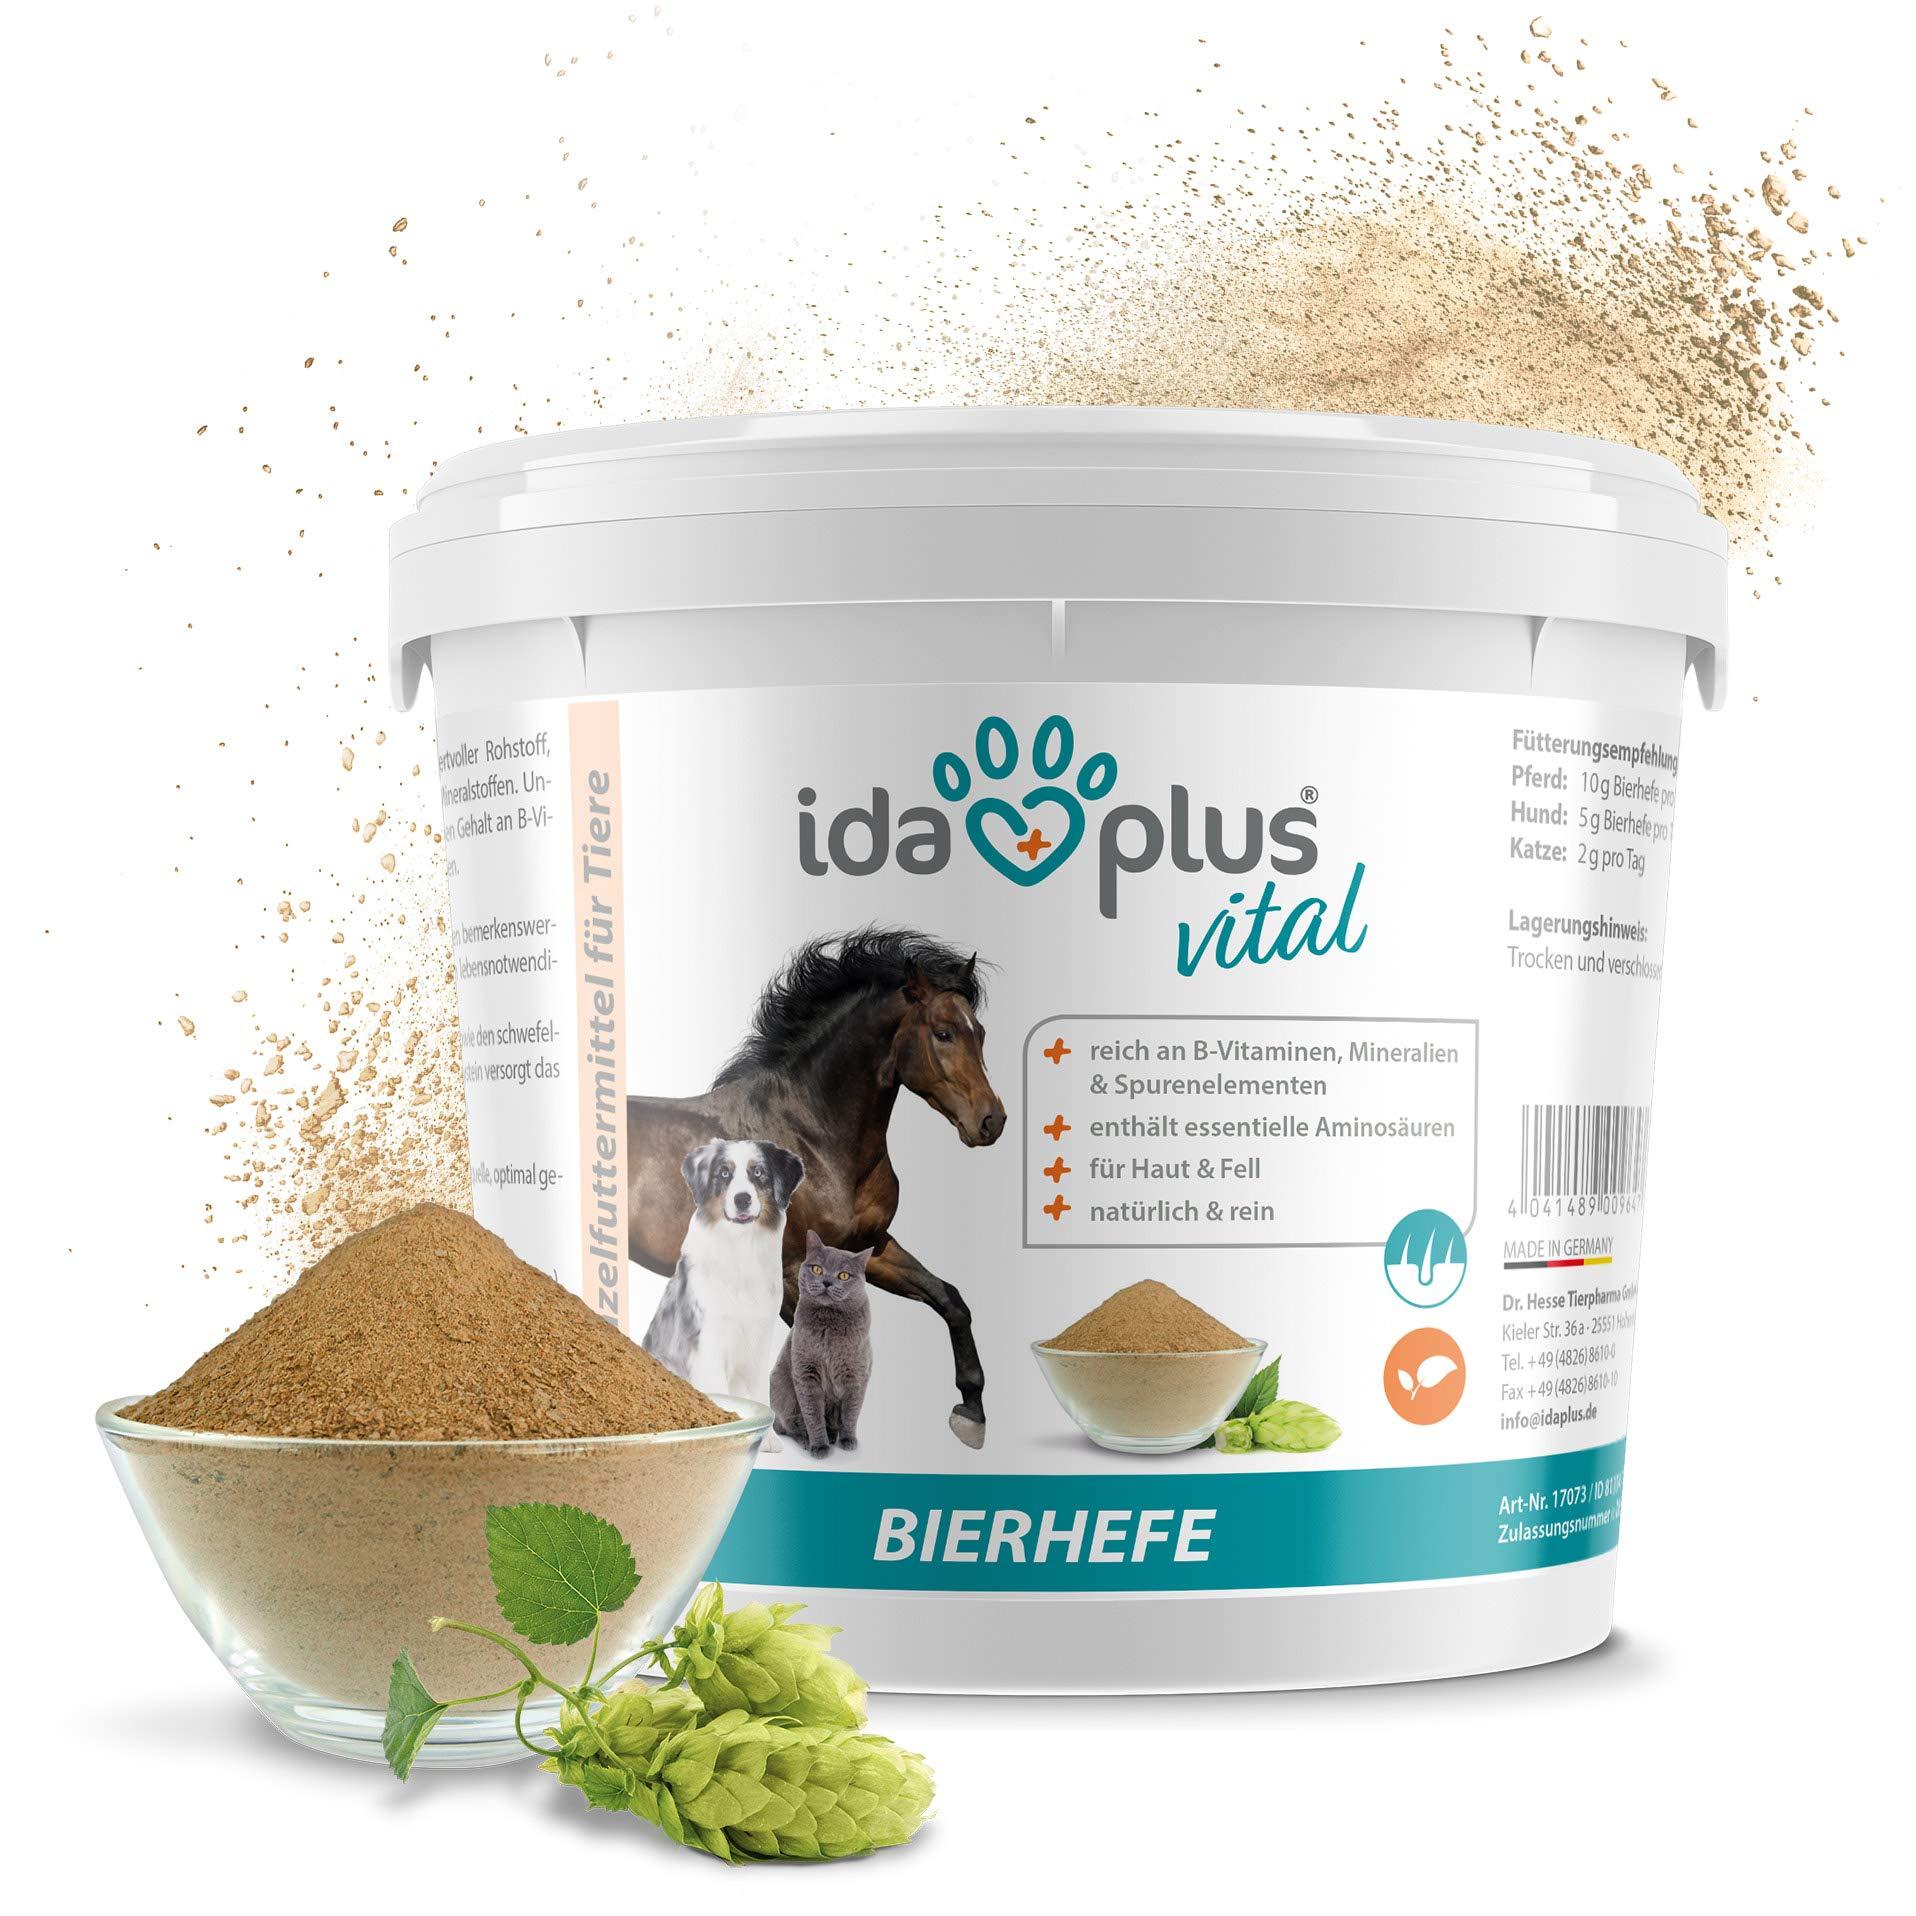 Ida Plus – Pura Cerveza Levadura Polvo – Alimentos Complemento para los & Pelo Brillo – Producto Natural para Animales – Caballos, Perros, Gatos – Práctica Cuchara dosificadora Incluye (1.5 kg): Amazon.es: Productos para mascotas